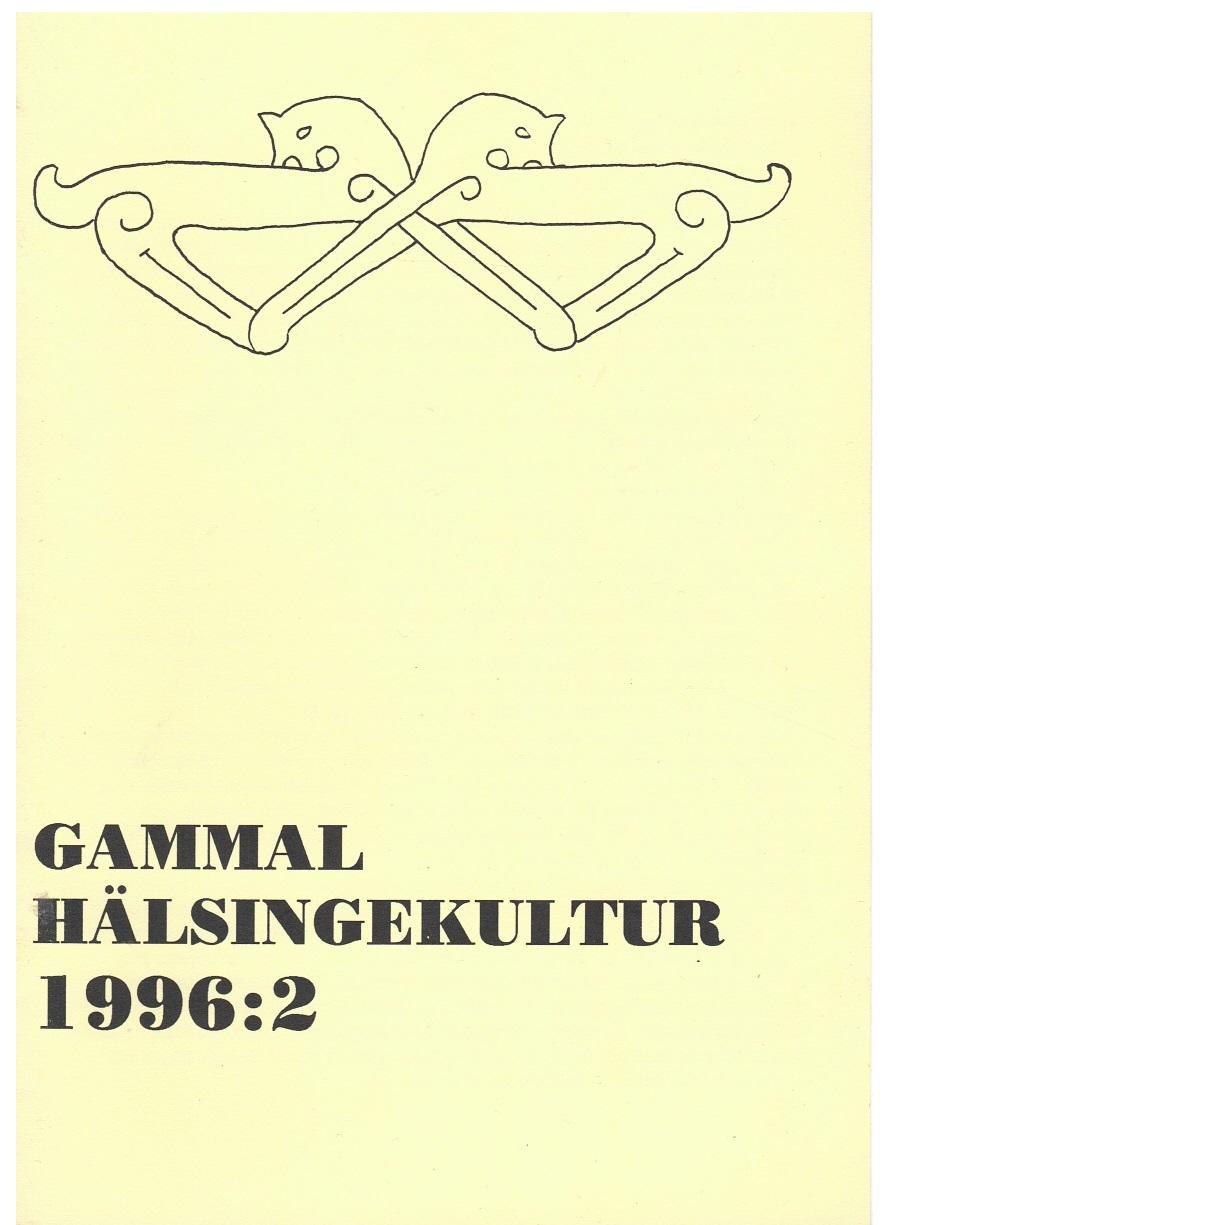 Gammal hälsingekultur : meddelanden från Hälsinglands fornminnessällskap 1996 nr 2 - Hälsinglands Fornminnessällskap